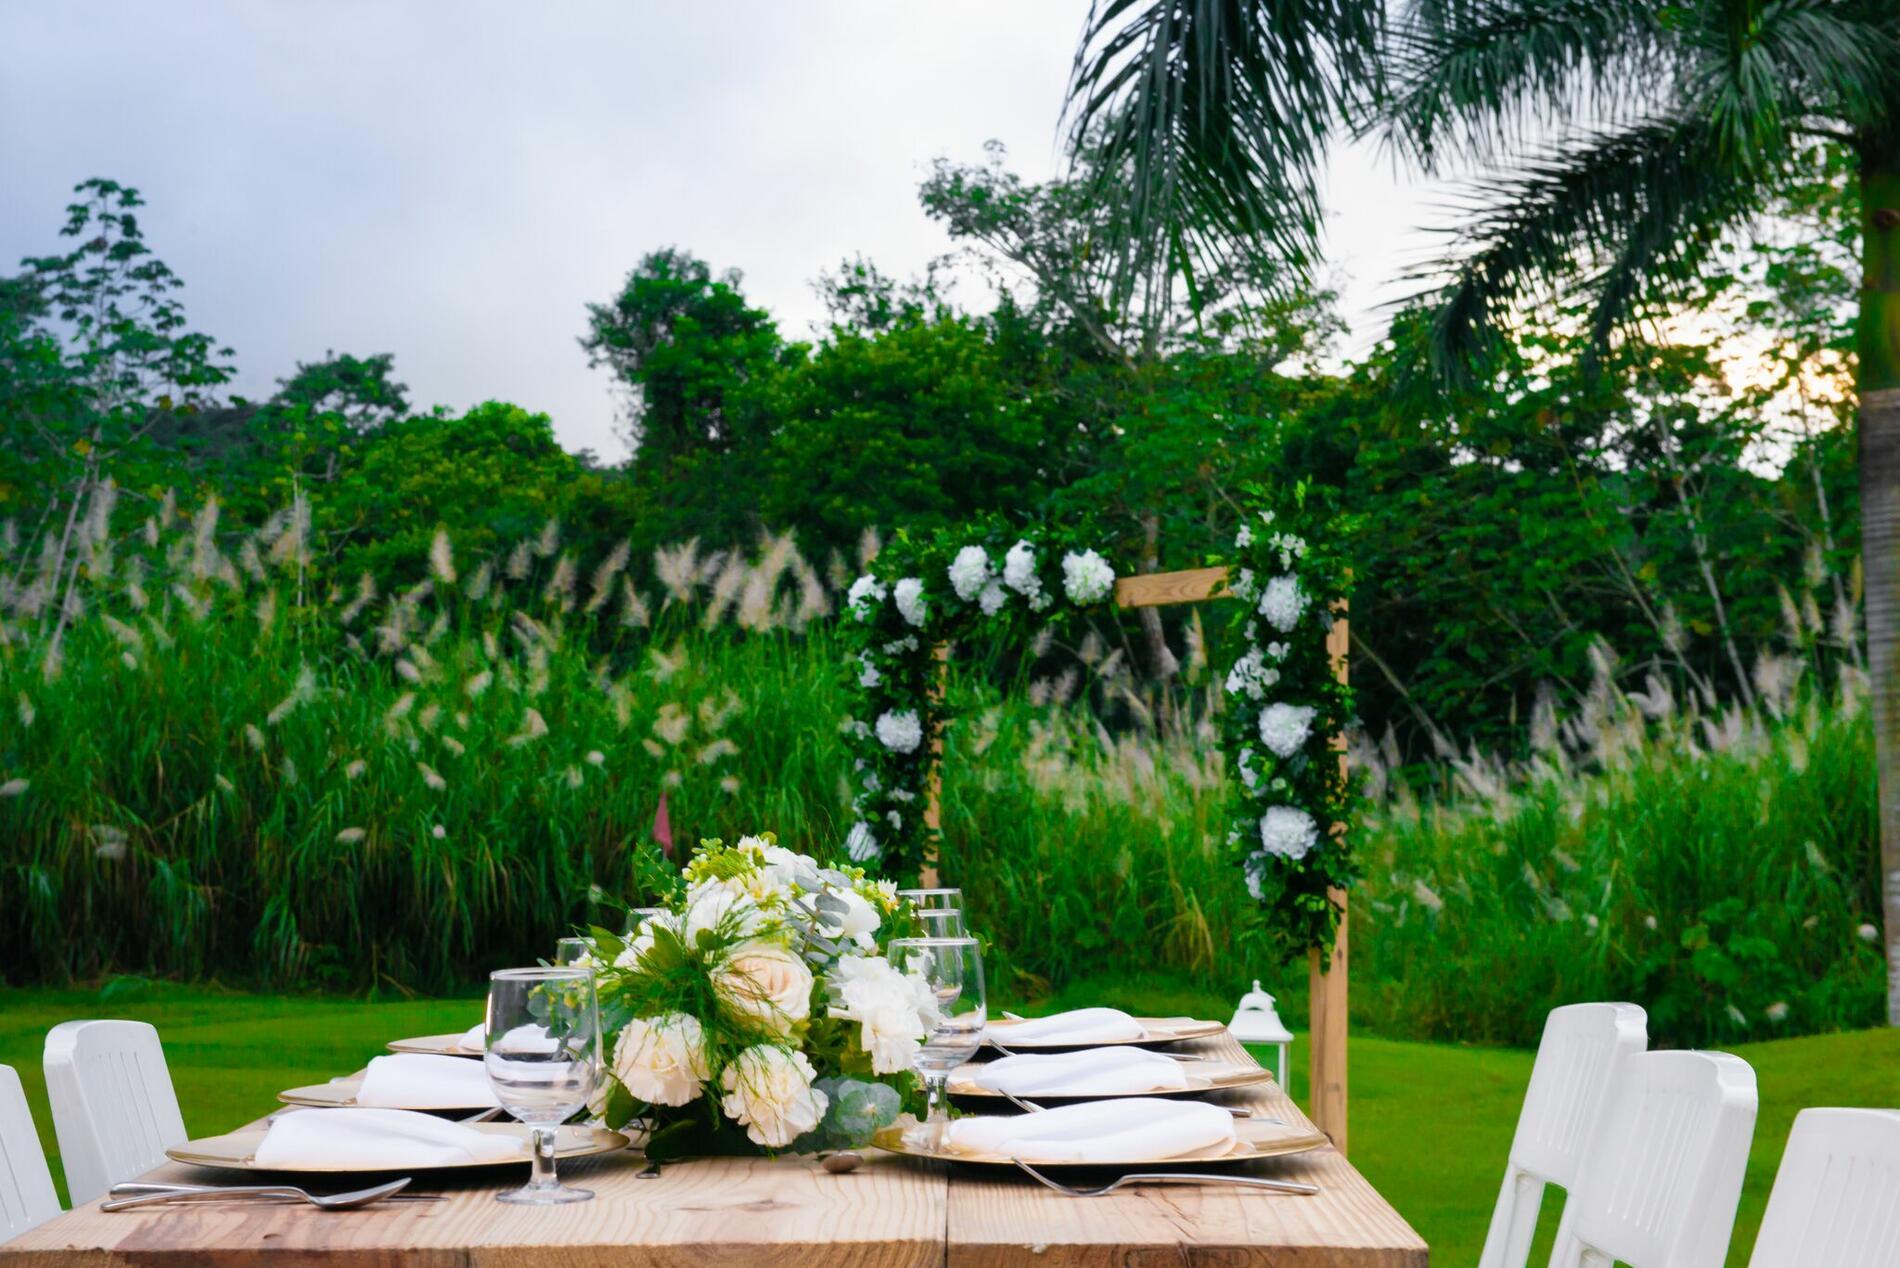 Outdoor Venue for Weddings